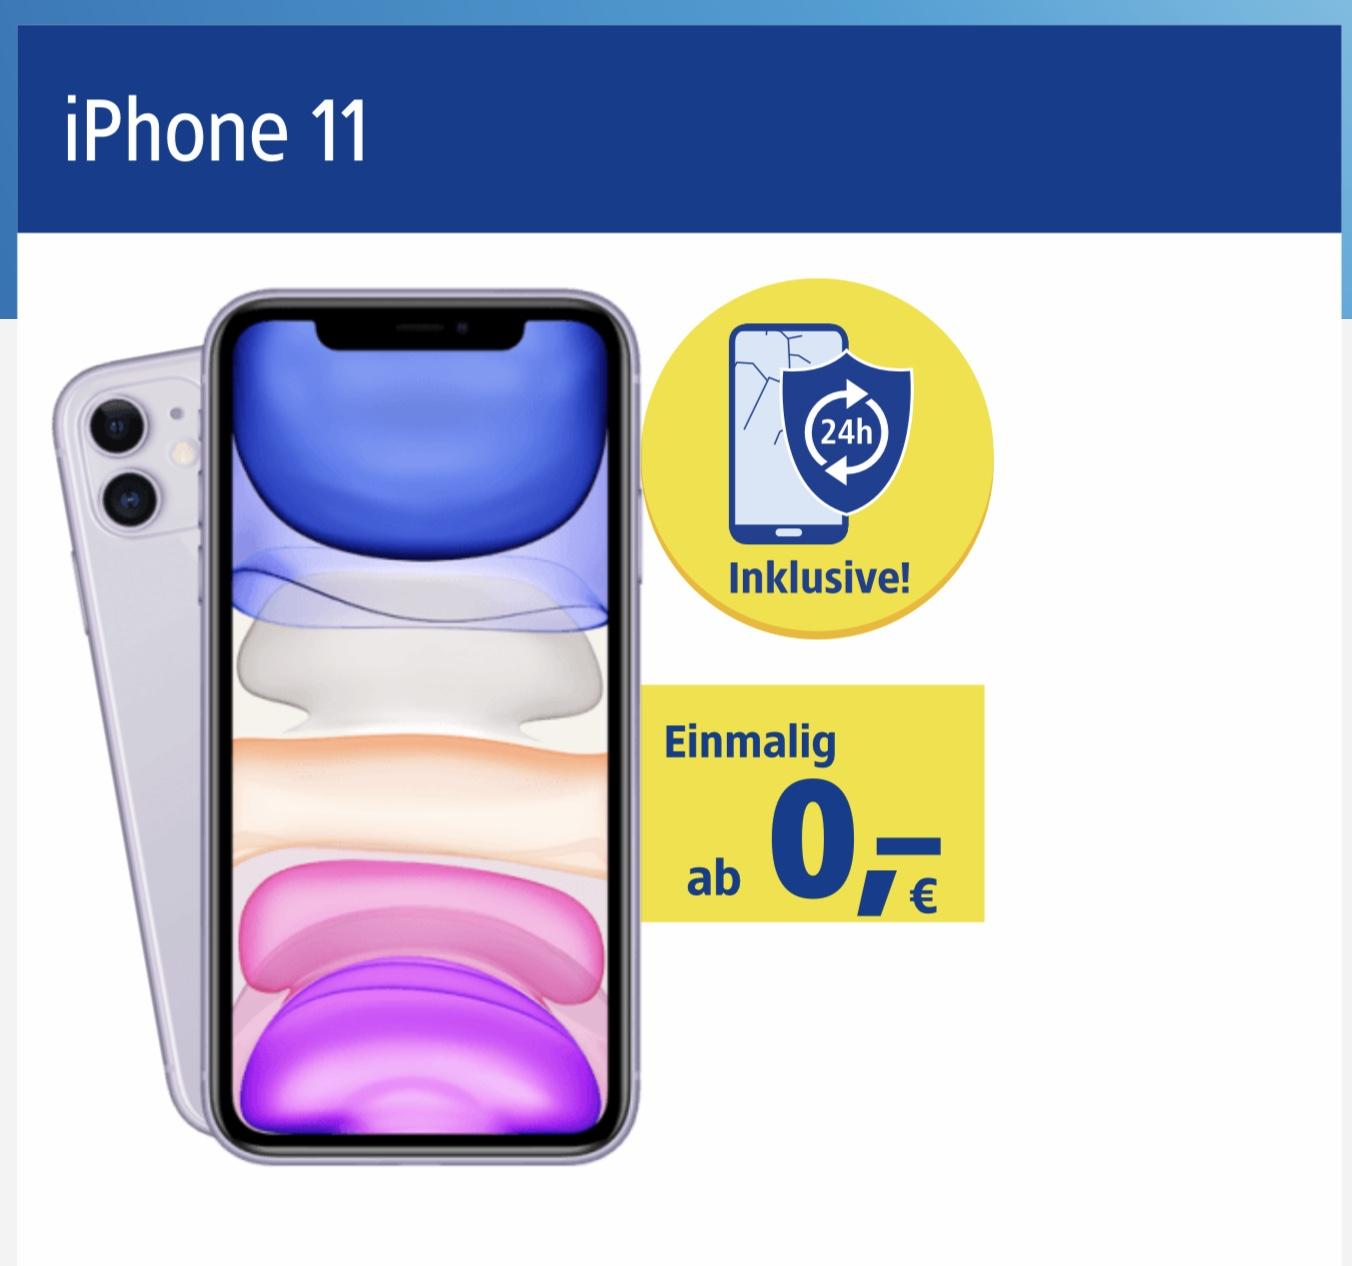 1&1 Tarif All-Net Flat mit 25 € Startguthaben, 24 Stunden Austausch-Service, neues iPhone 11 u.v.m.